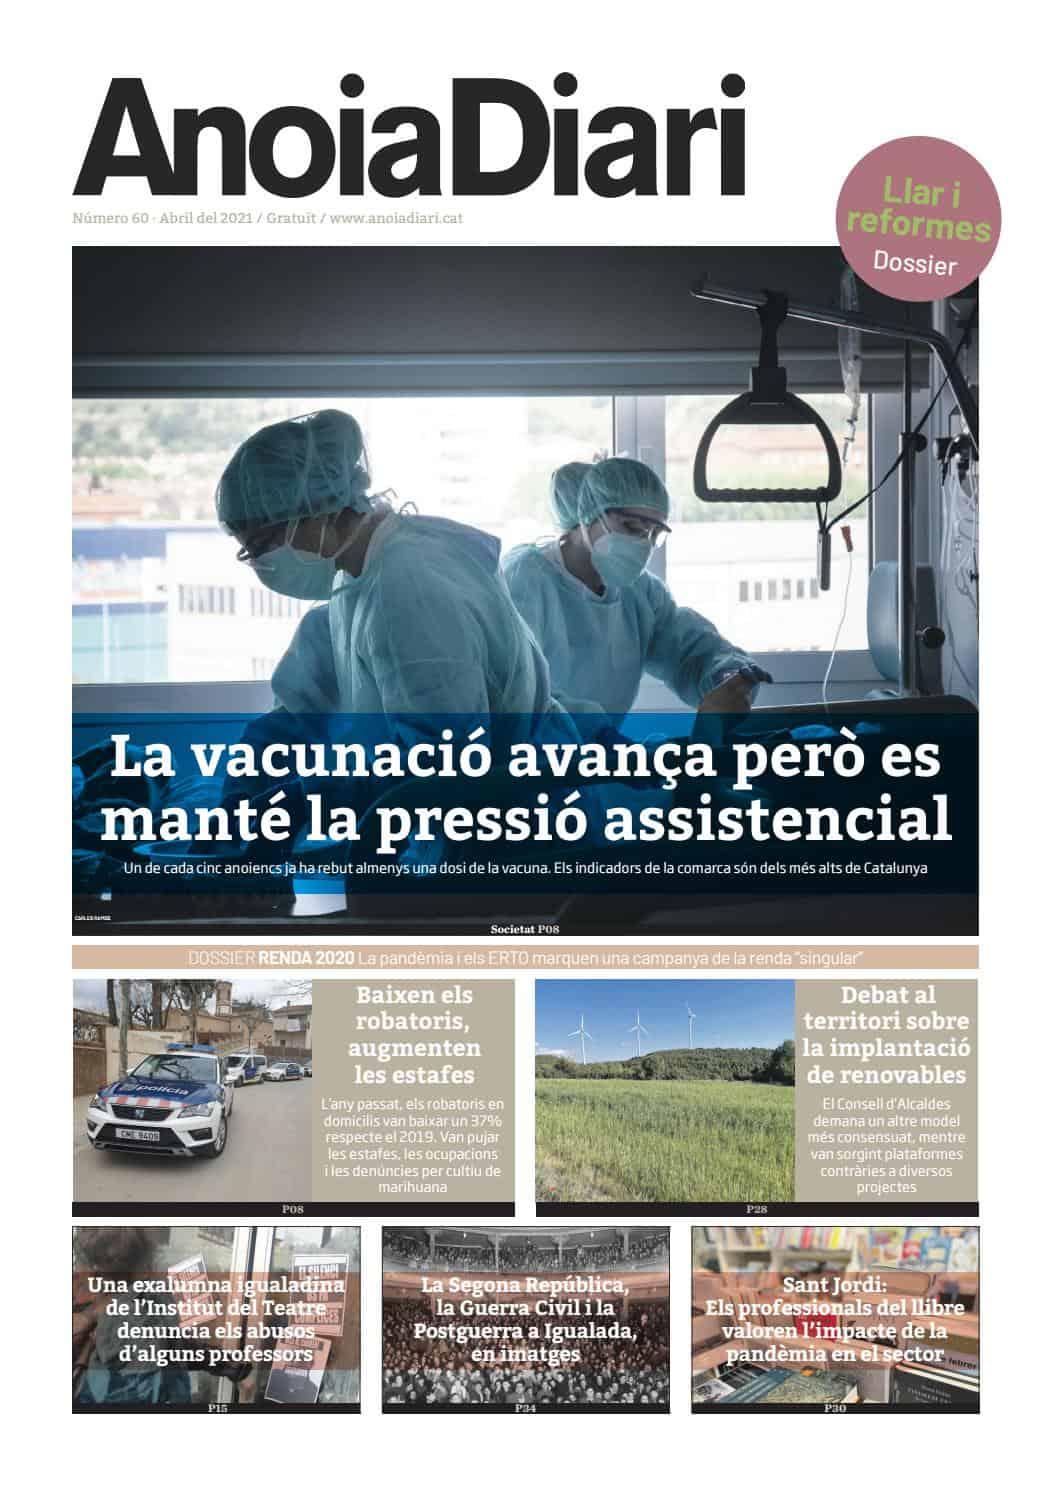 210401 - Anoiadiari - 1de2 - La vacunació avança però es manté la pressió assistencial